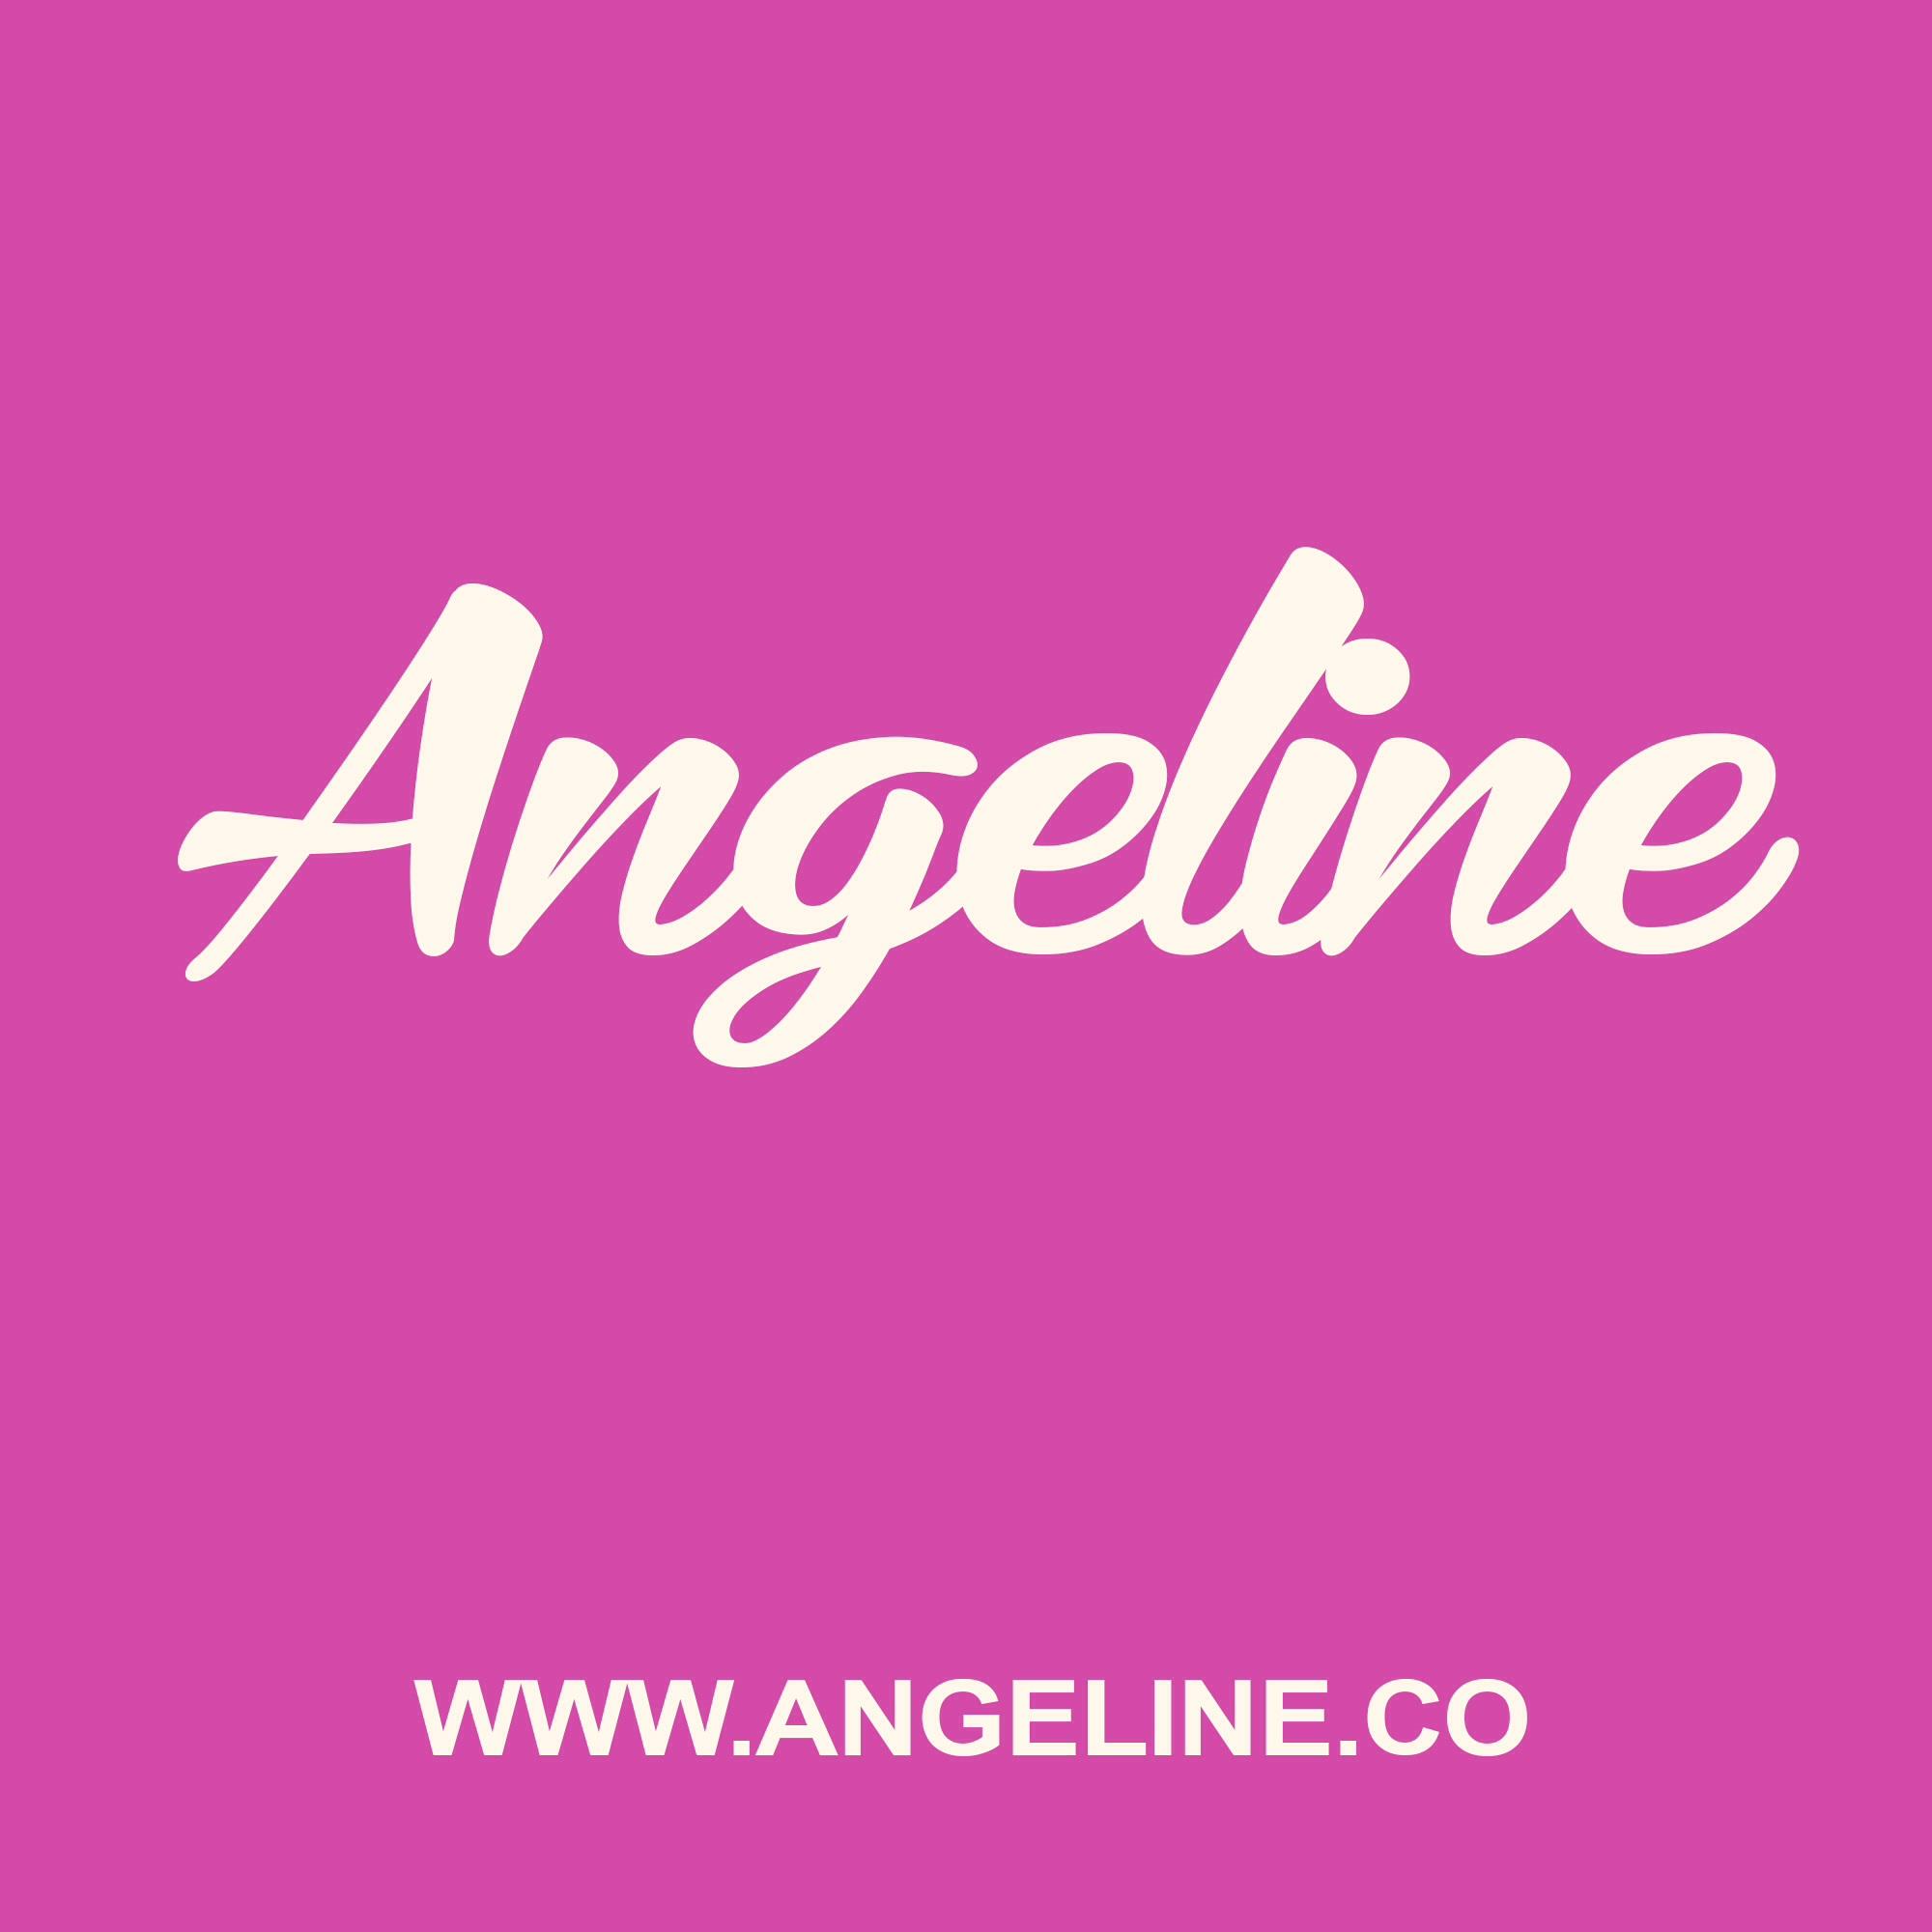 Название марки молодежной женской одежды фото f_06754aafcc5dec50.jpg